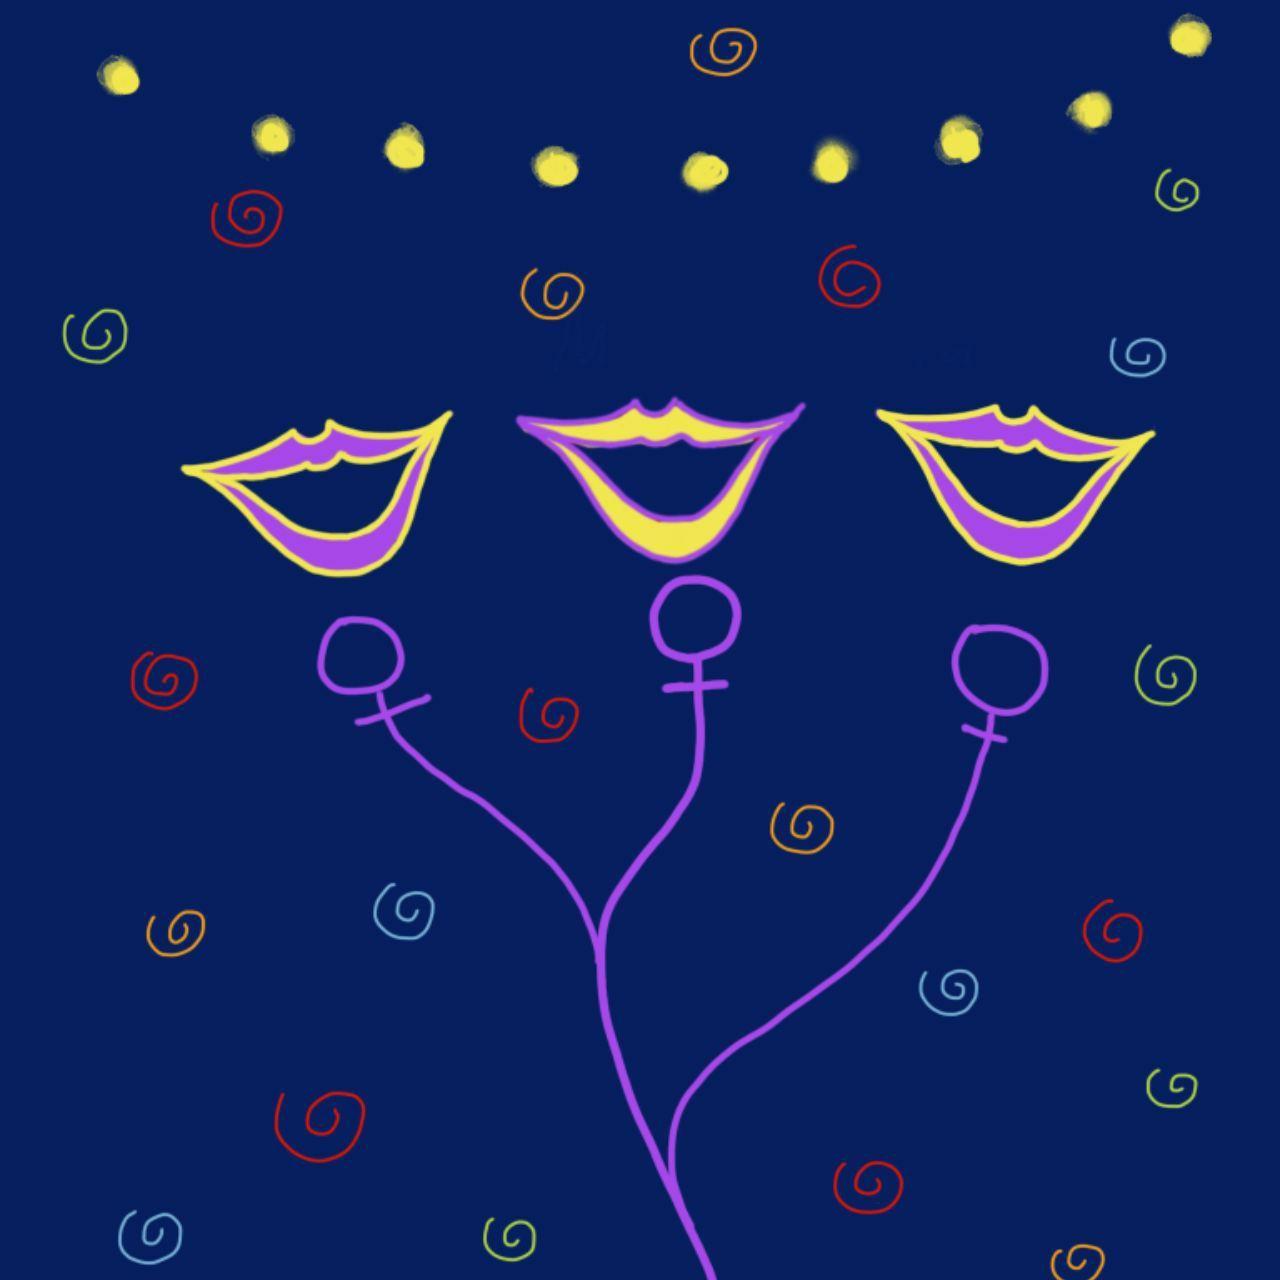 Ilustración donde hay tres bocas sonrientes en micrófonos que recuerdan al símbolo de la mujer. En el fondo hay guirnaldas en un fondo azul oscuro